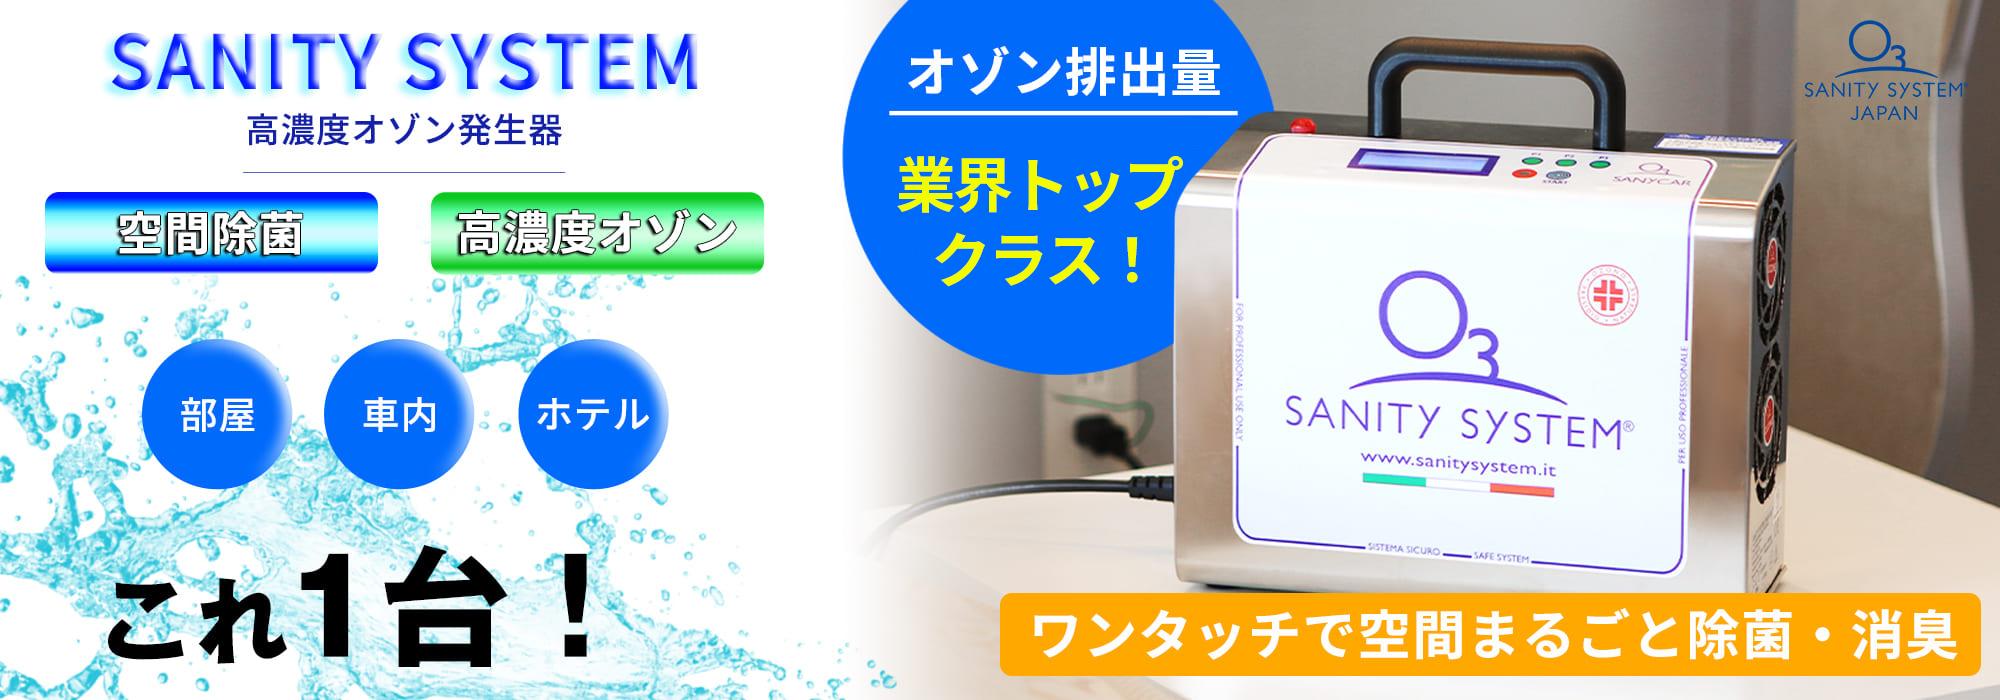 タジマストアモンスタースポーツ直営/GoPro日本総代理店